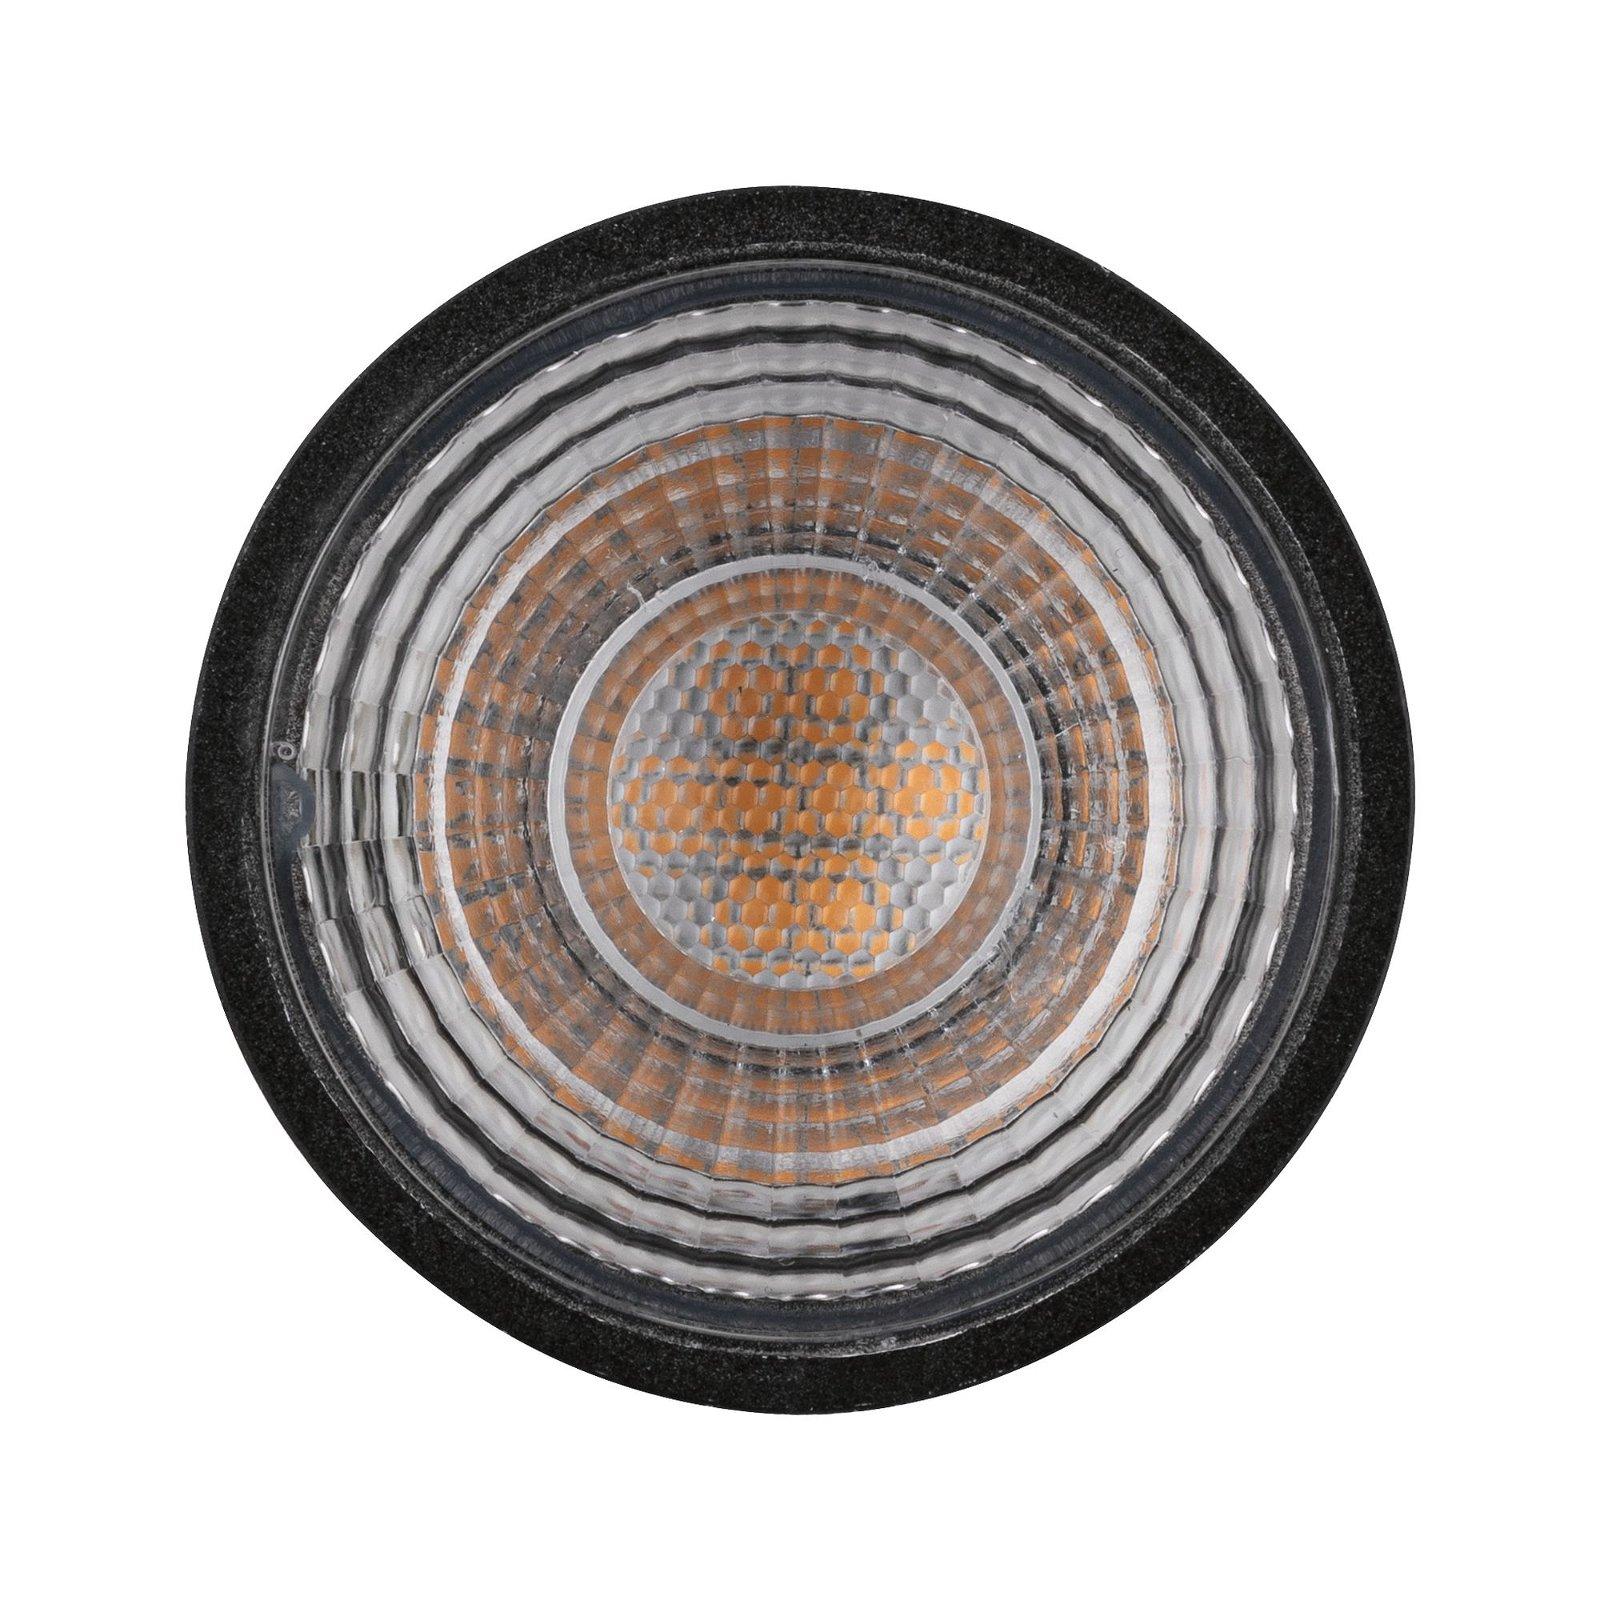 LED Reflektor GU10 230V 460lm 7W 2700K Schwarz matt